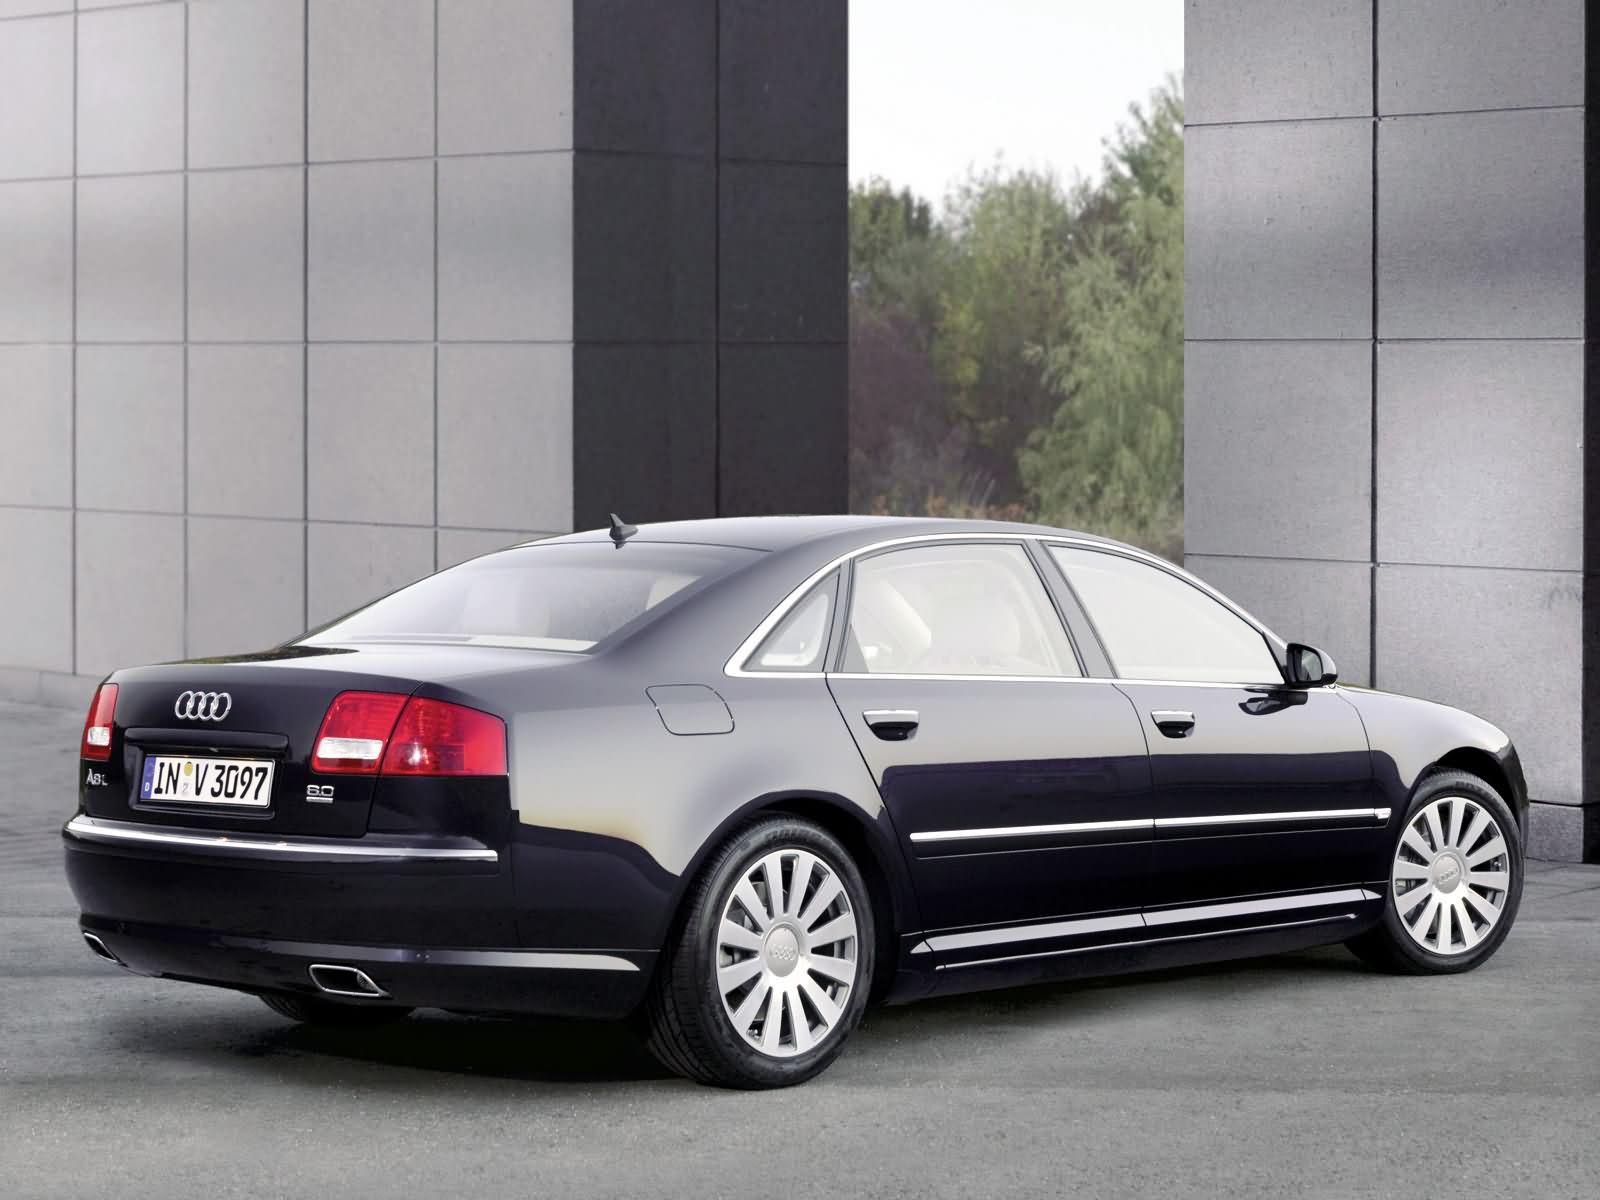 Audi A8 Wallpaper Audi A8 Wallpaper Hd   Audi A8 D3 42 2174000 1600x1200